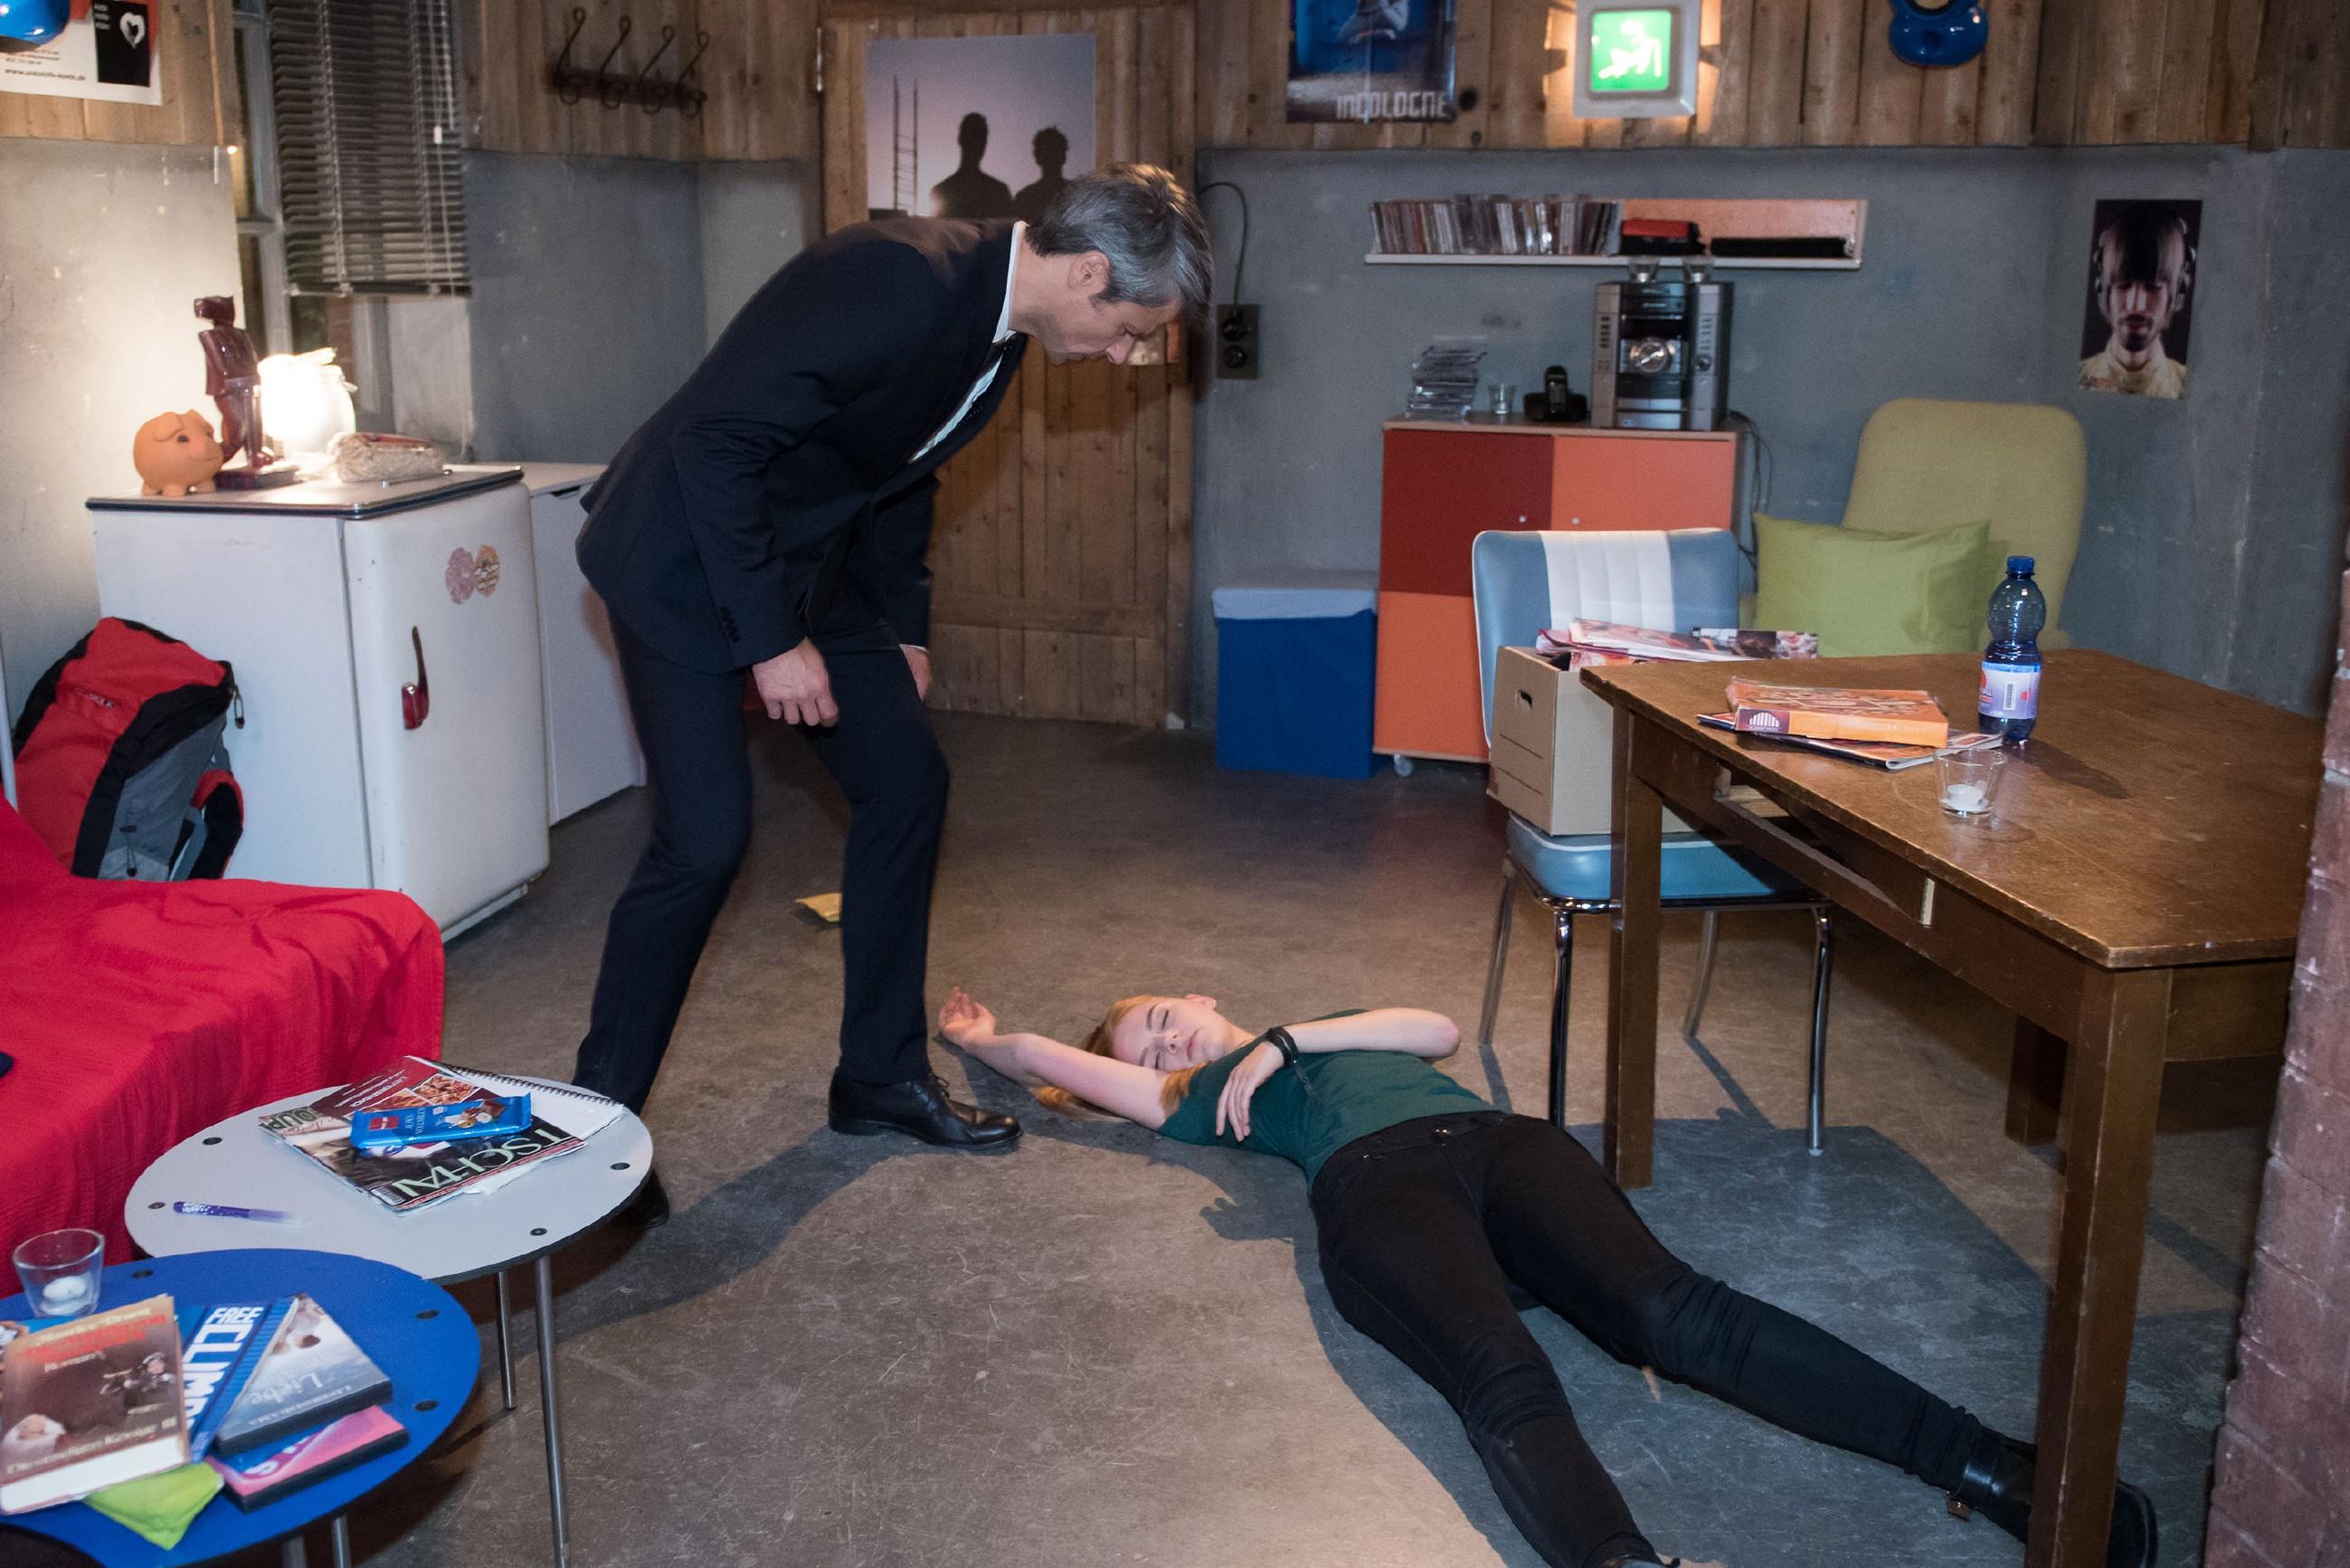 Als Fiona (Olivia Burkhart) im Streit hysterisch wird, schlägt Benedikt (Jens Hajek) sie unabsichtlich nieder... (Quelle: RTL / Stefan Behrens)